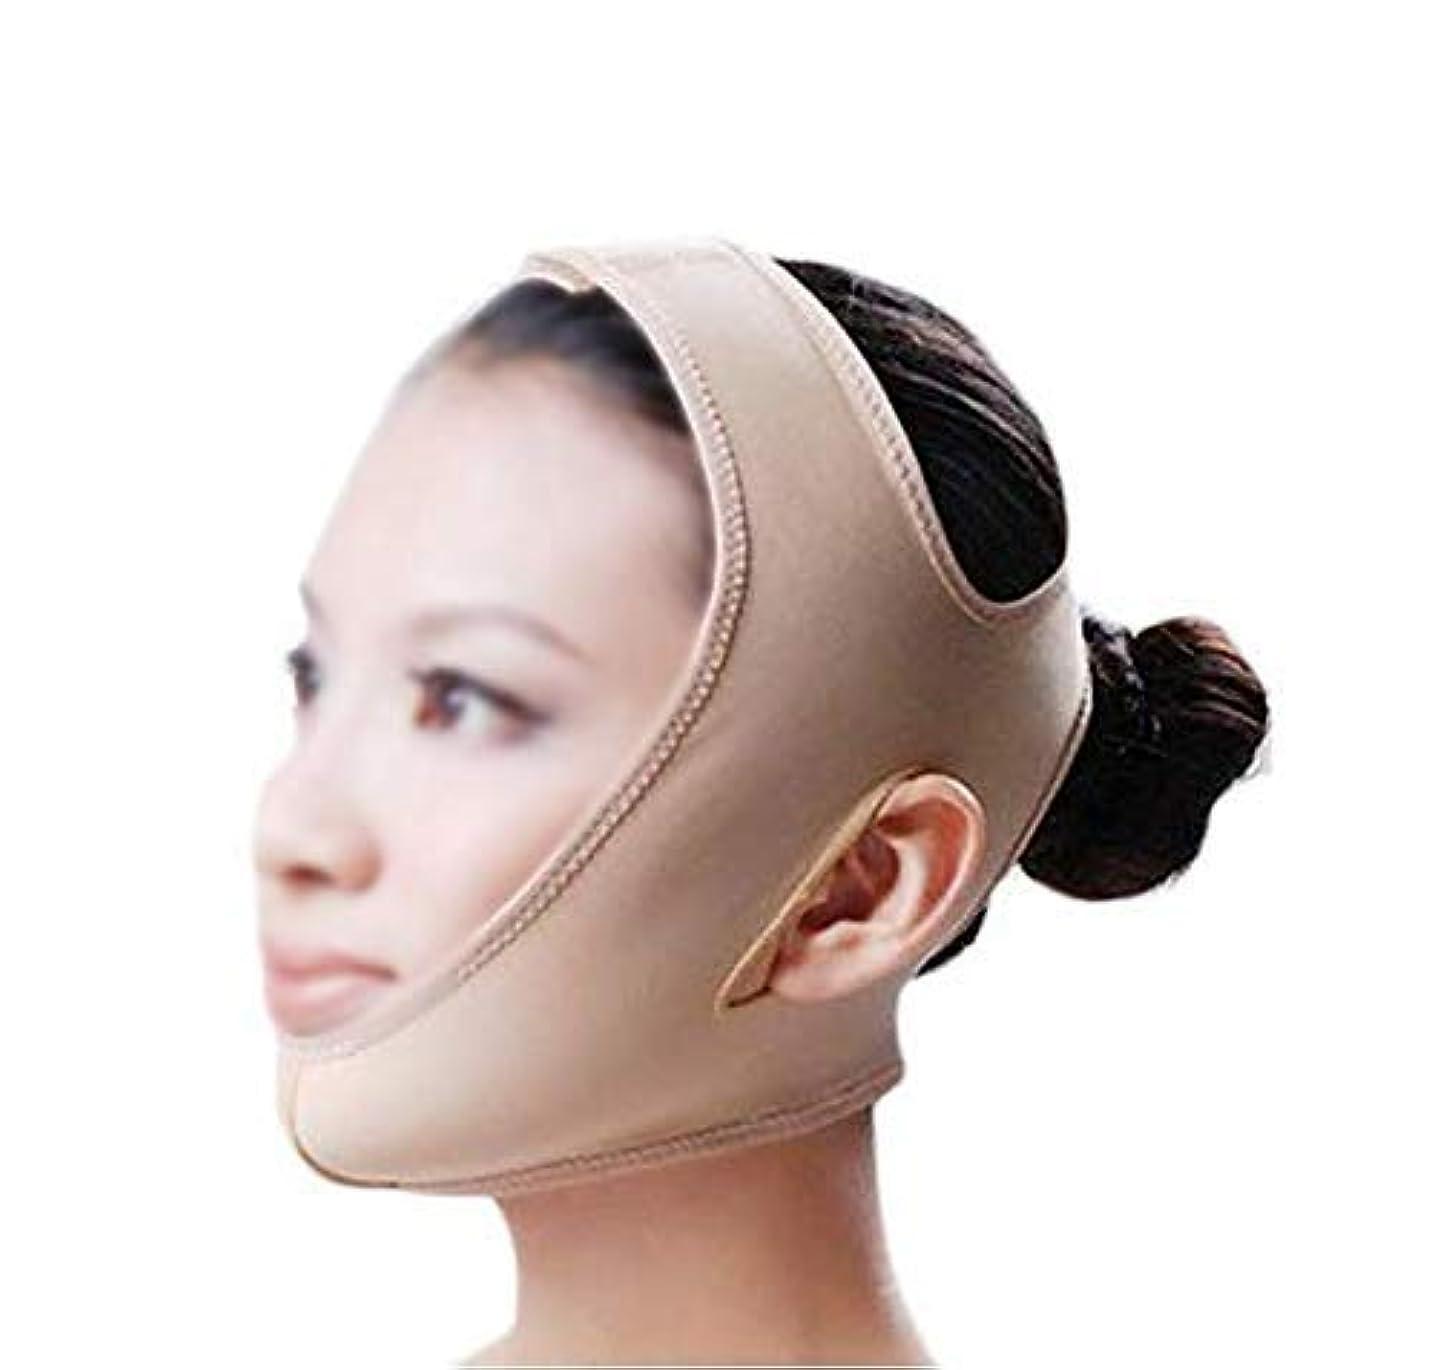 兵隊バー本物のファーミングフェイスマスク、マスクフェイスマスク美容医学フェイスマスク美容Vフェイス包帯ライン彫刻リフティングファーミングダブルチンマスク(サイズ:S),Xl